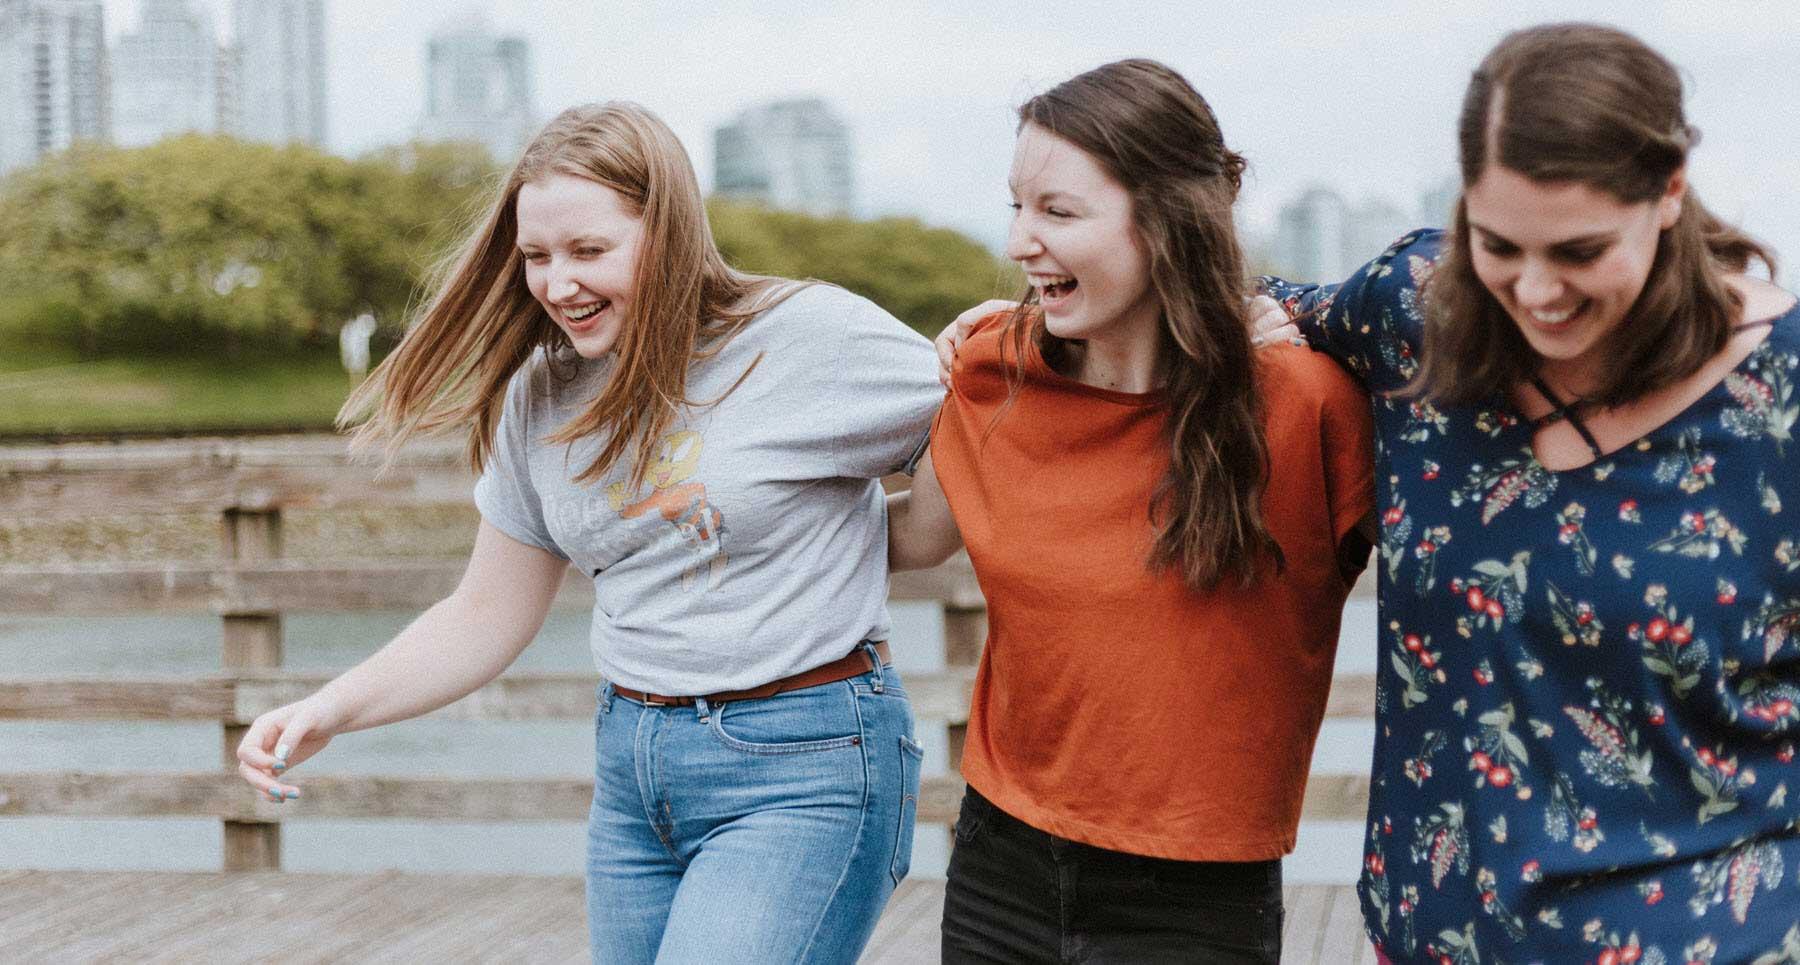 friends-outside-arm-in-arm-having-fun